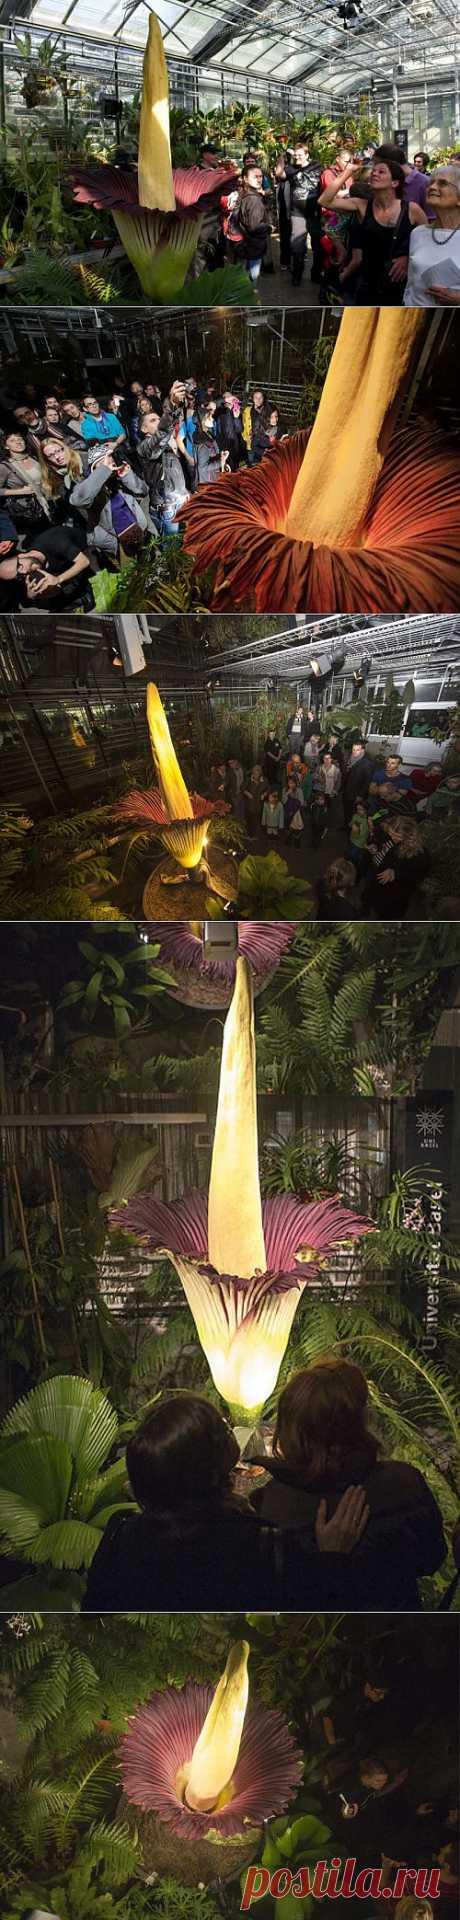 » В Швейцарии распустился самый большой в мире цветок Это интересно!